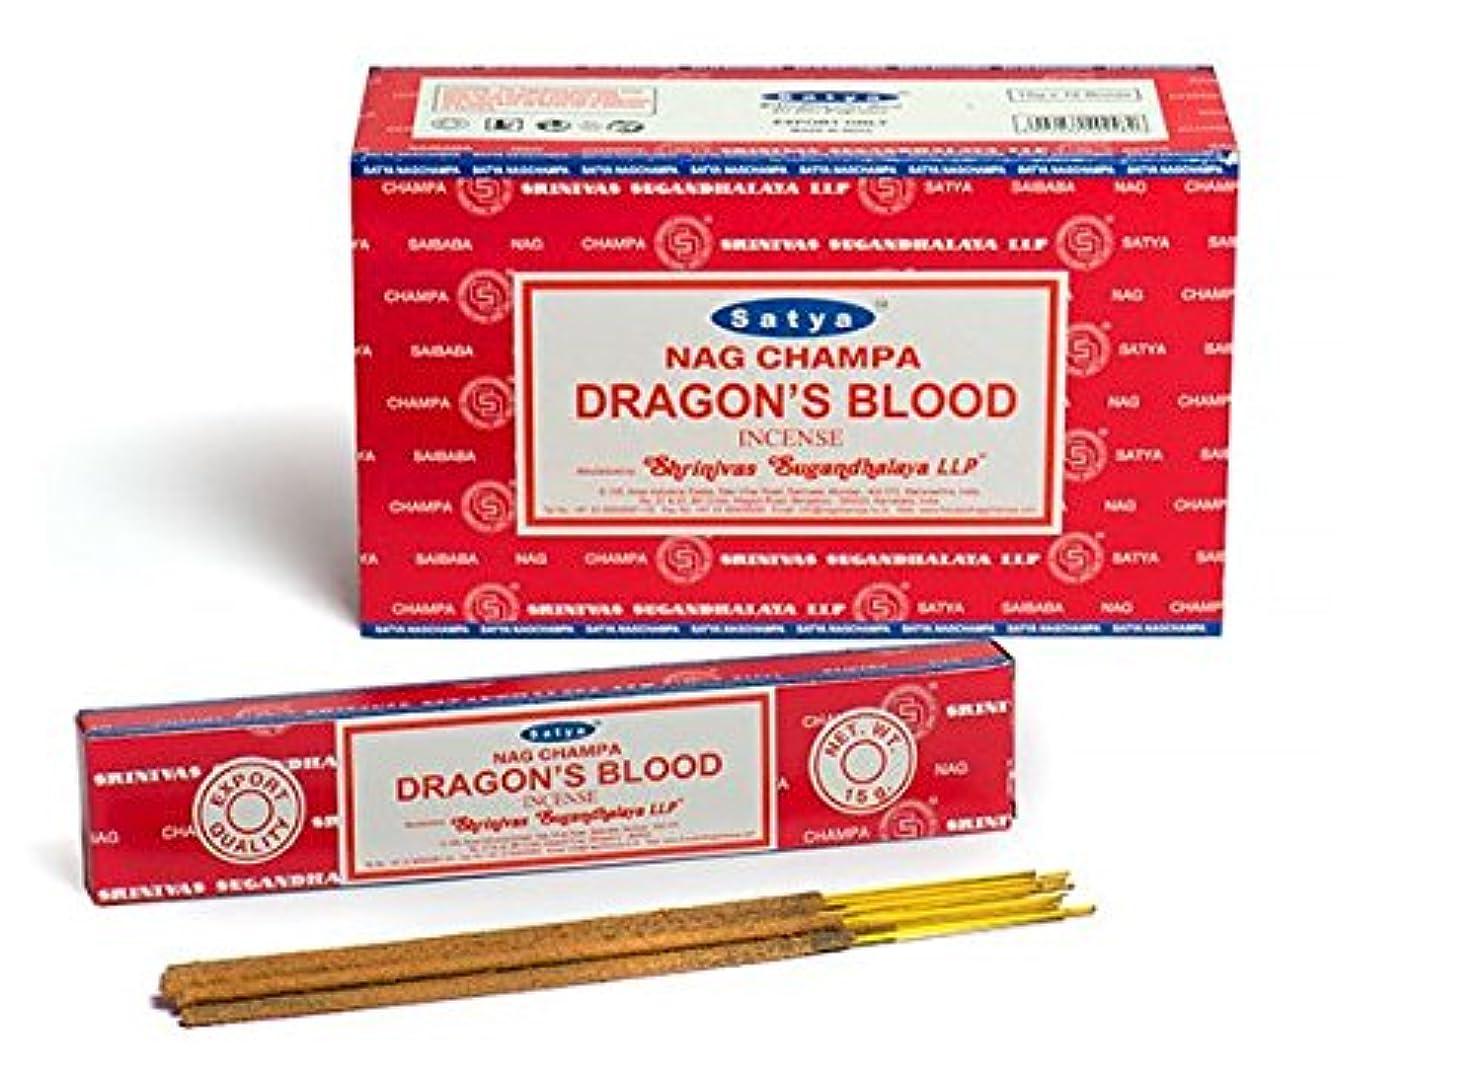 演劇郵便屋さんジャンピングジャックSatya Nag Champa Dragon's Blood お香スティック Agarbatti 180グラムボックス | 15グラム入り12パック 箱入り | 輸出品質